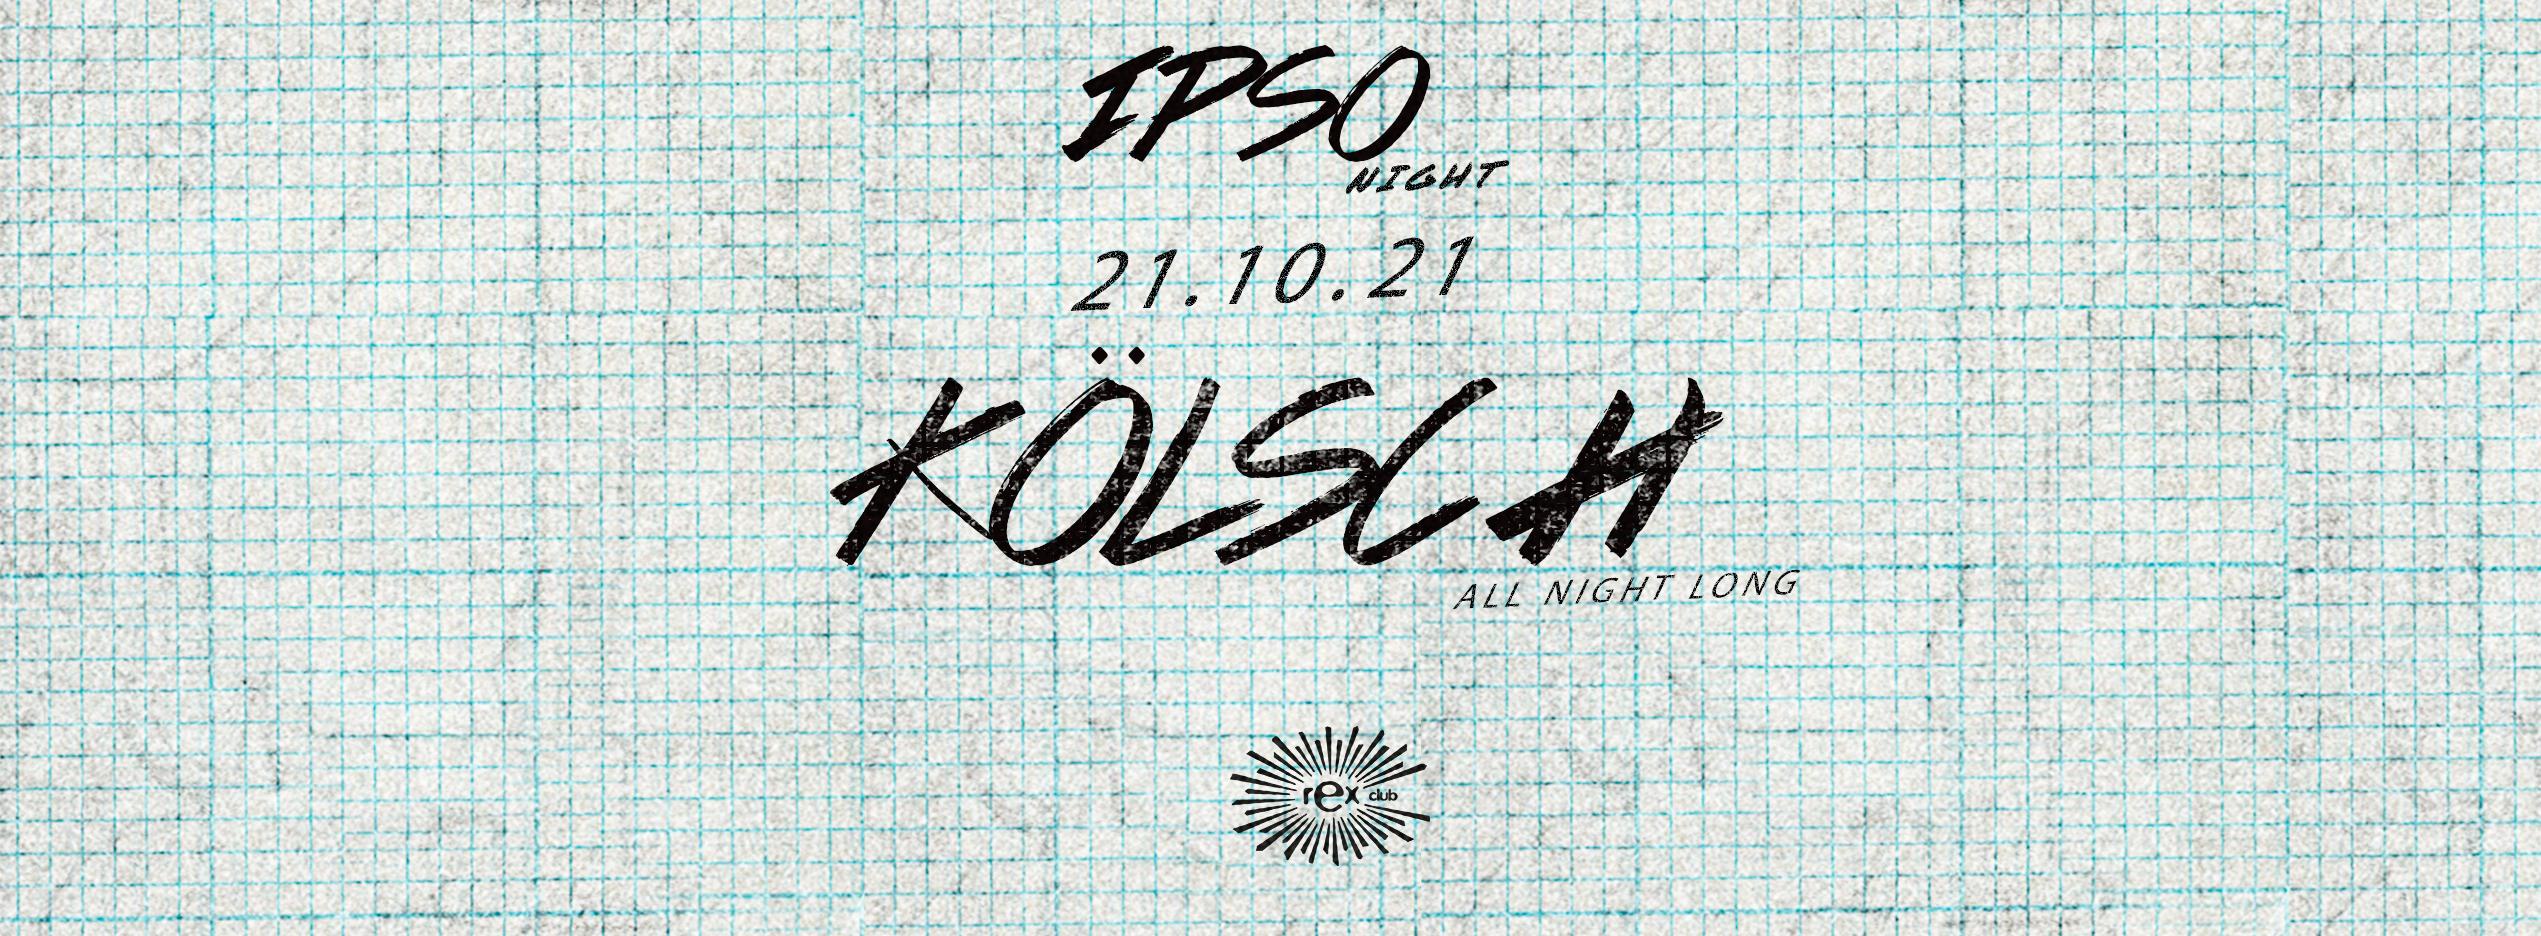 IPSO Night : KÖLSCH ALL NIGHT LONG